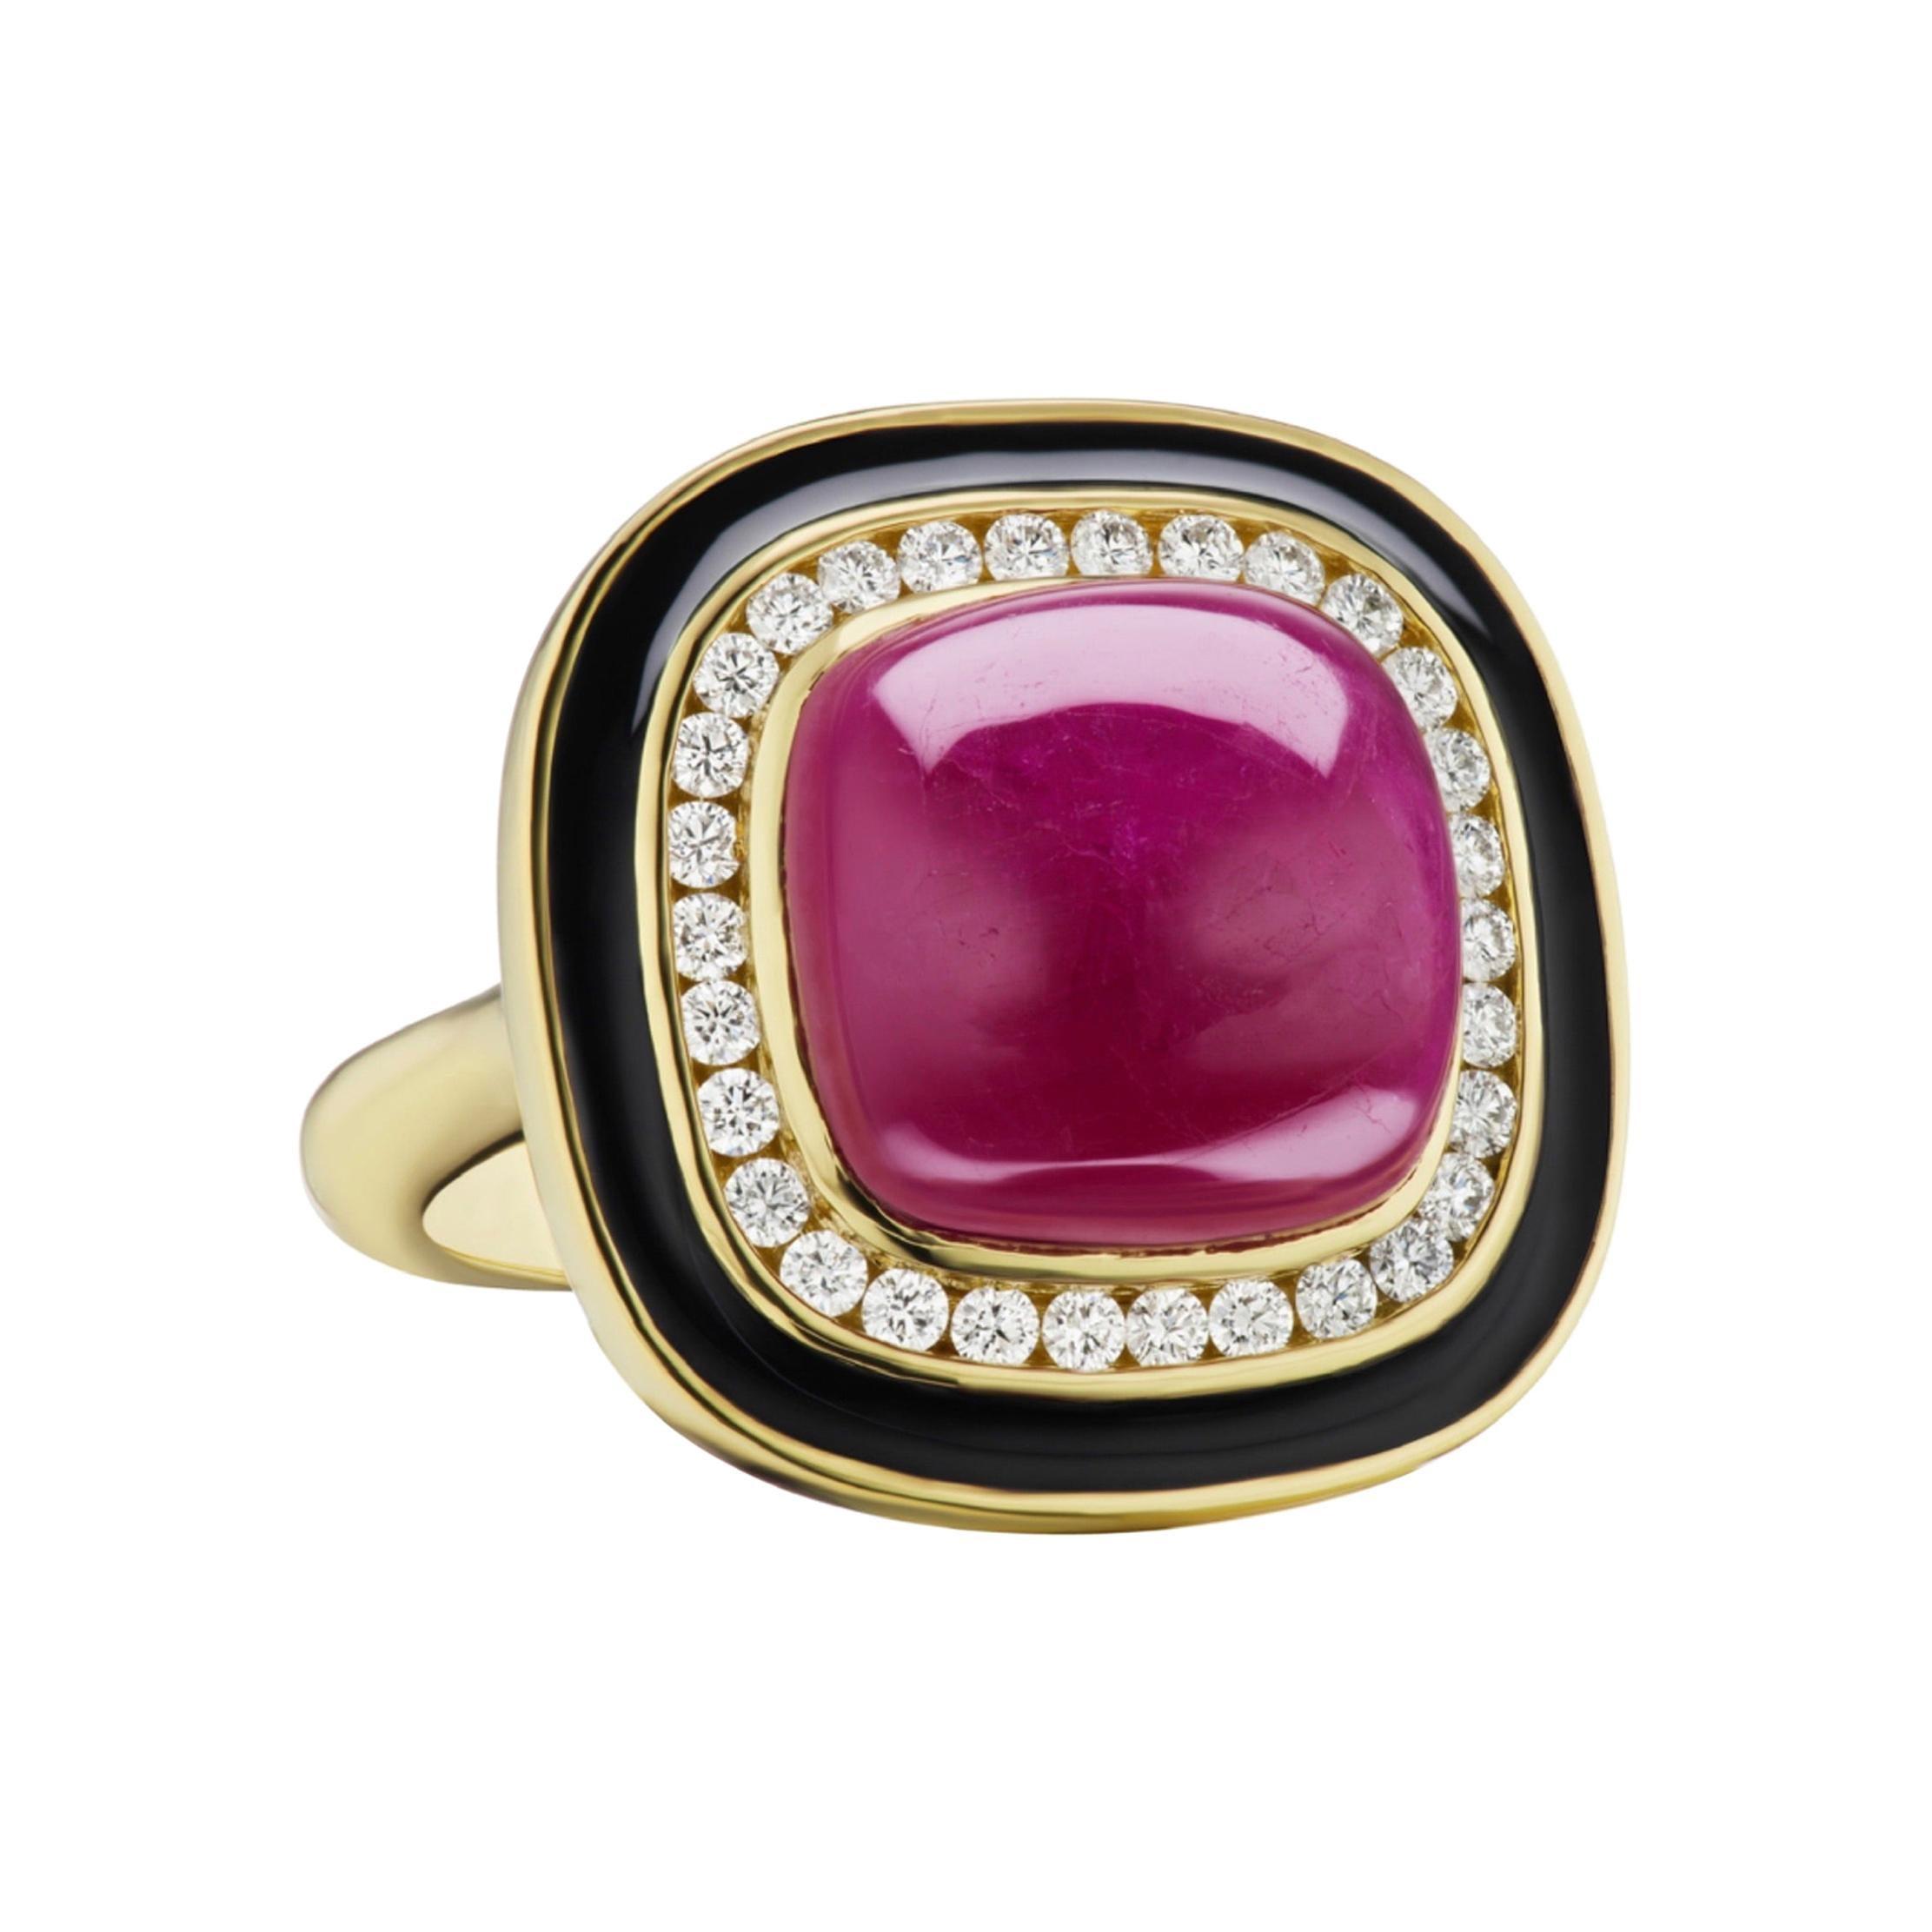 Cabochon Sugarloaf Ruby, Enamel and Diamond Ring